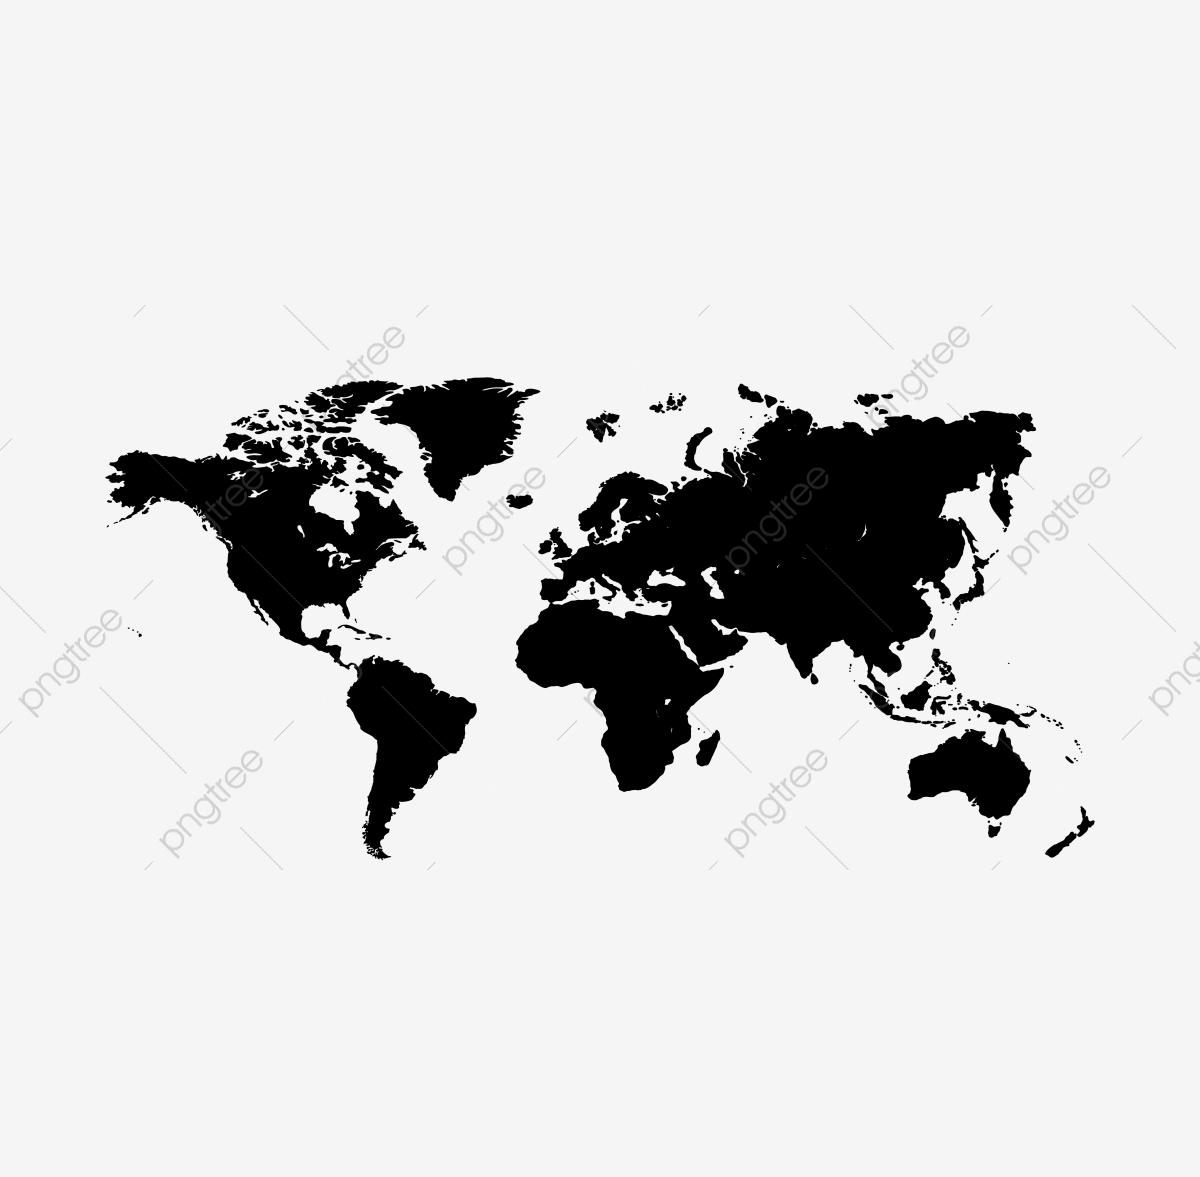 carte du monde vecteur r u00e9sum u00e9 l afrique l am u00e9rique png et vecteur pour t u00e9l u00e9chargement gratuit